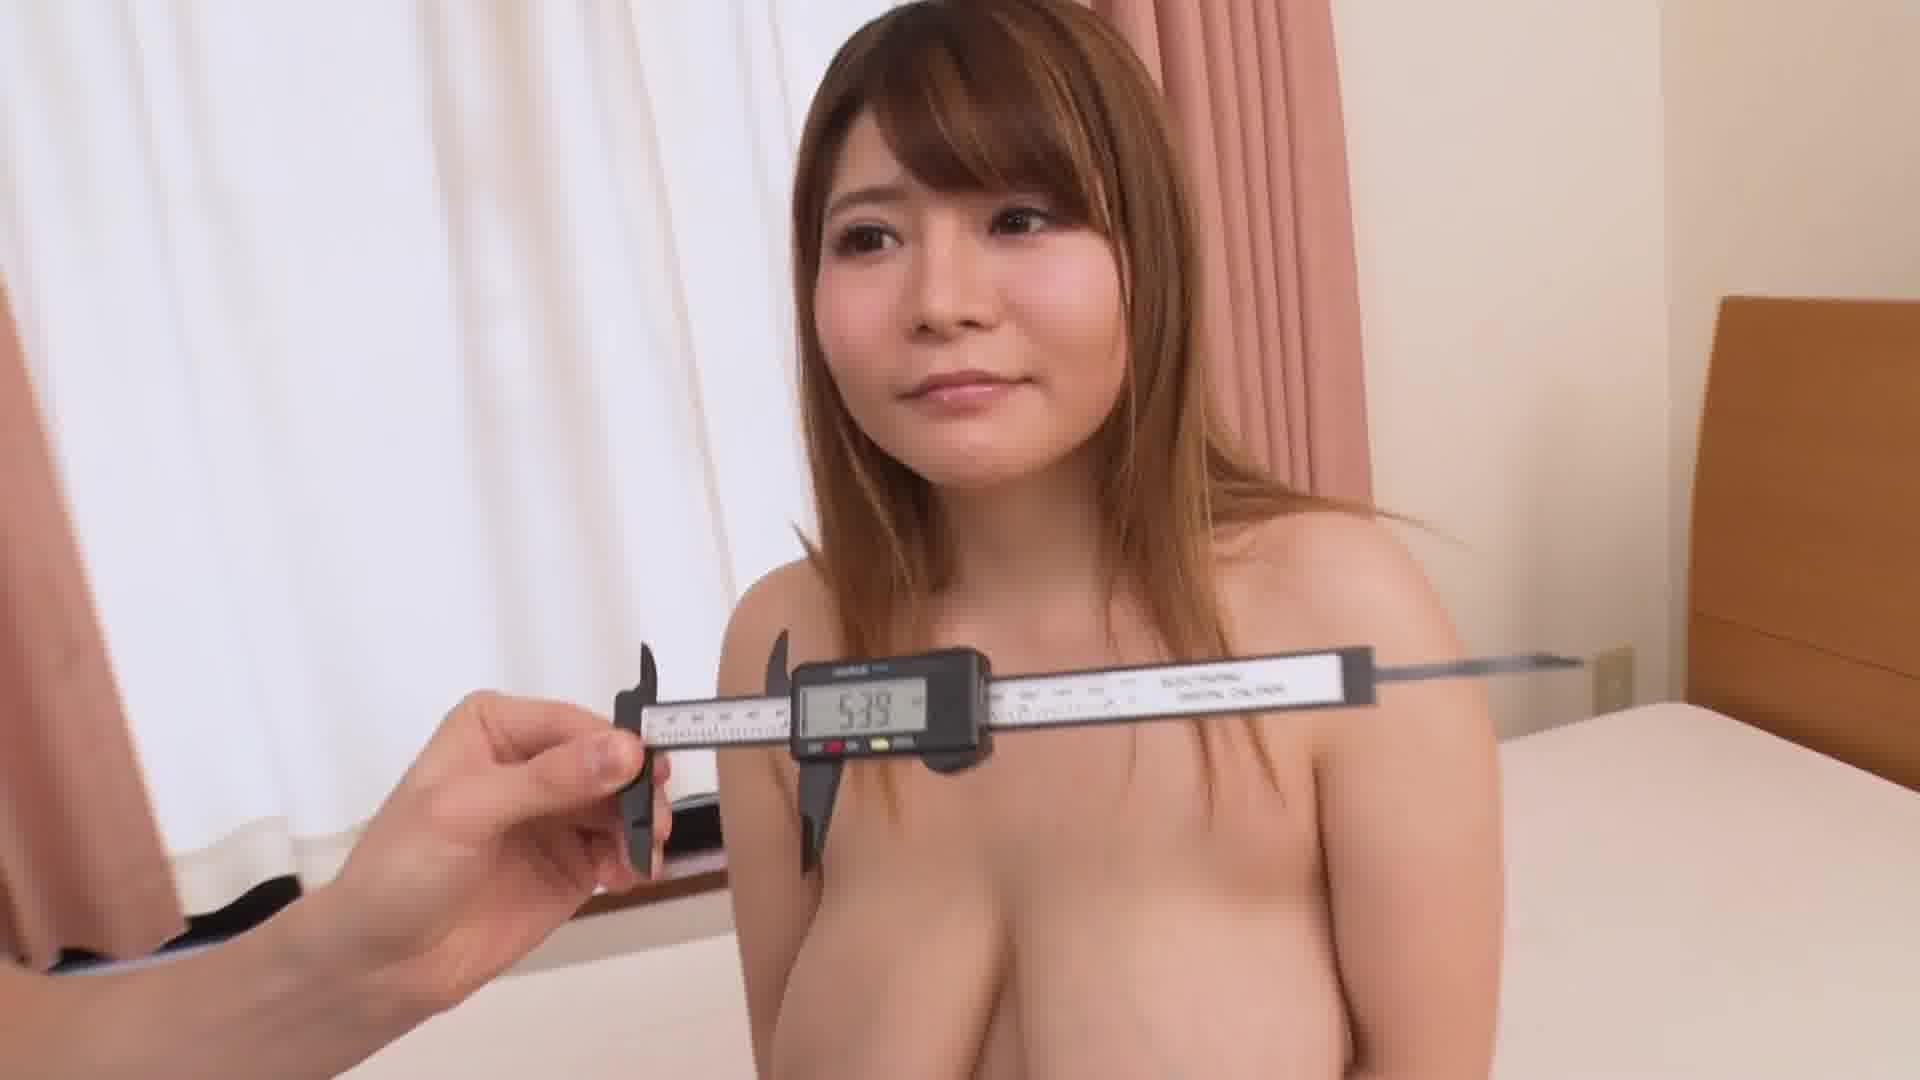 セクシー女優エンサイクロペディア 小衣くるみ - 小衣くるみ【巨乳・クスコ・美尻】